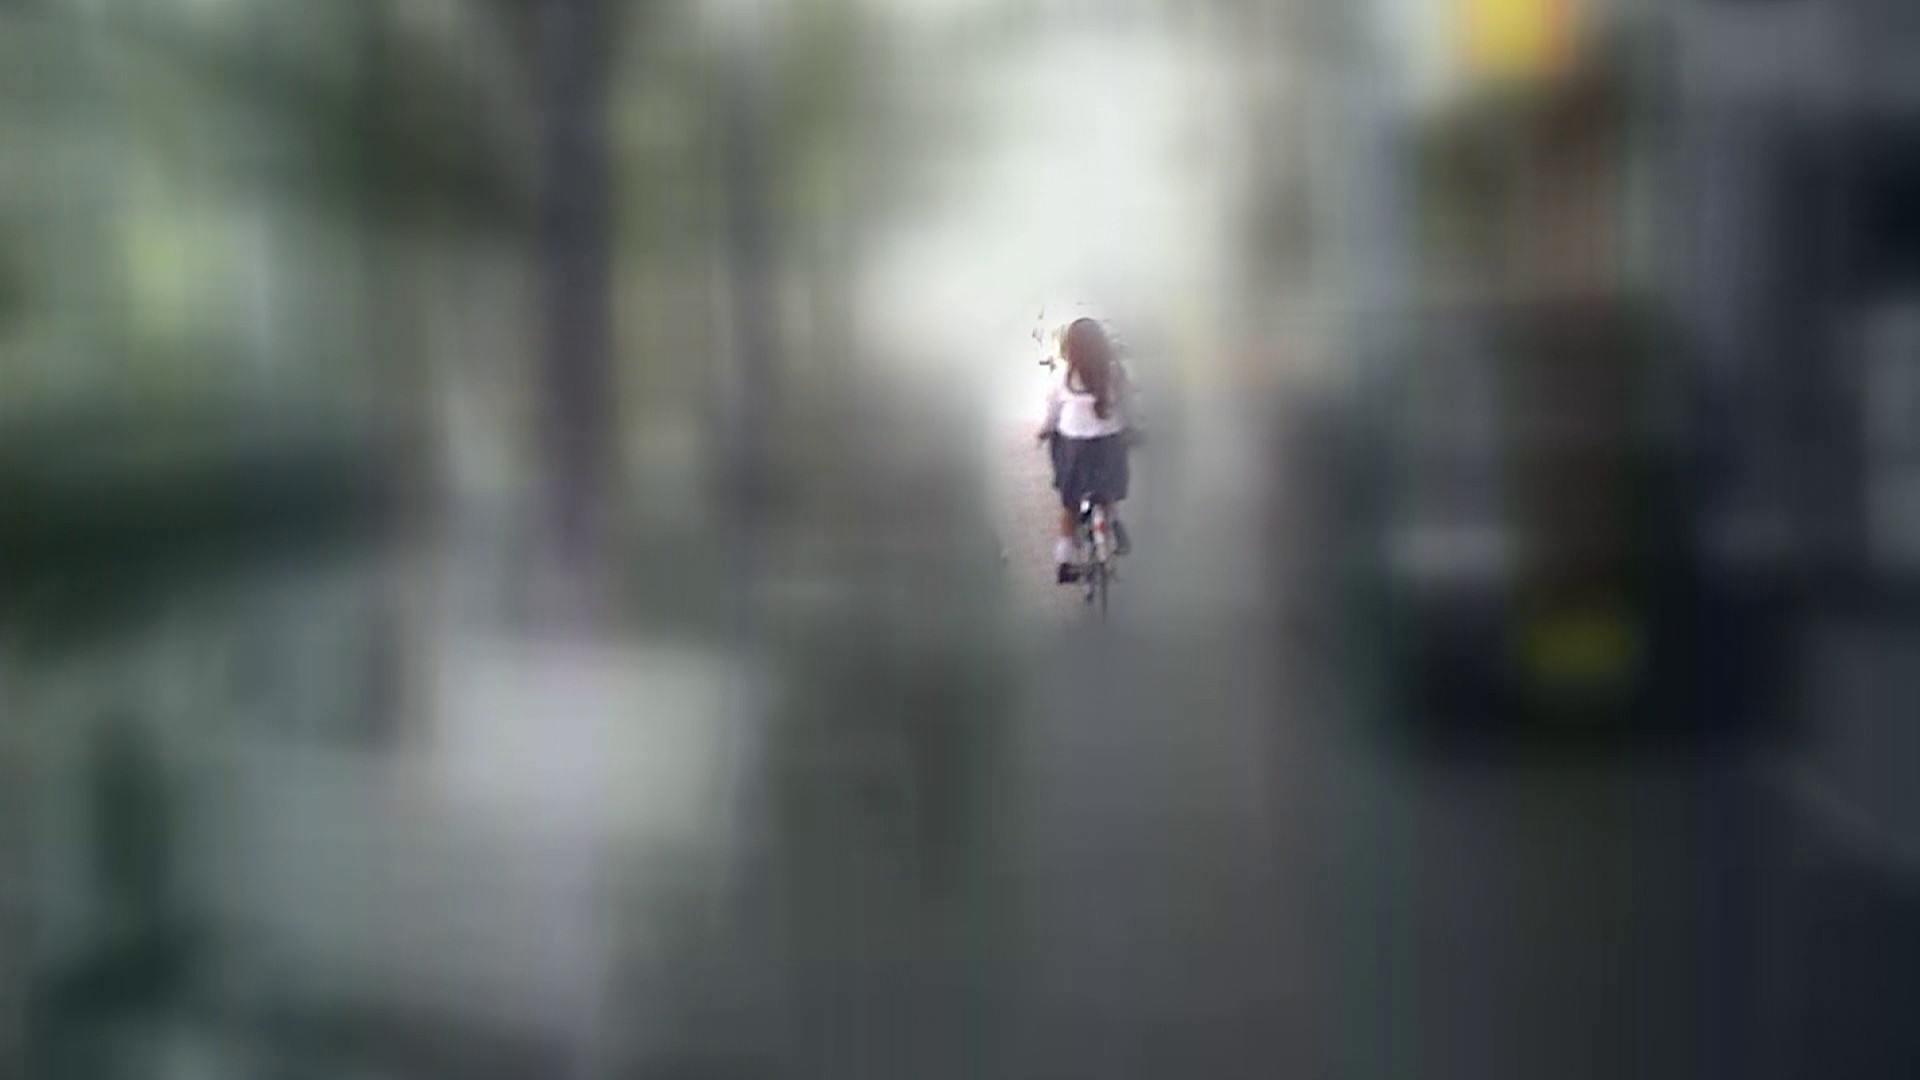 自転車パンチラ Vol.07 おしり | 高画質  89画像 18